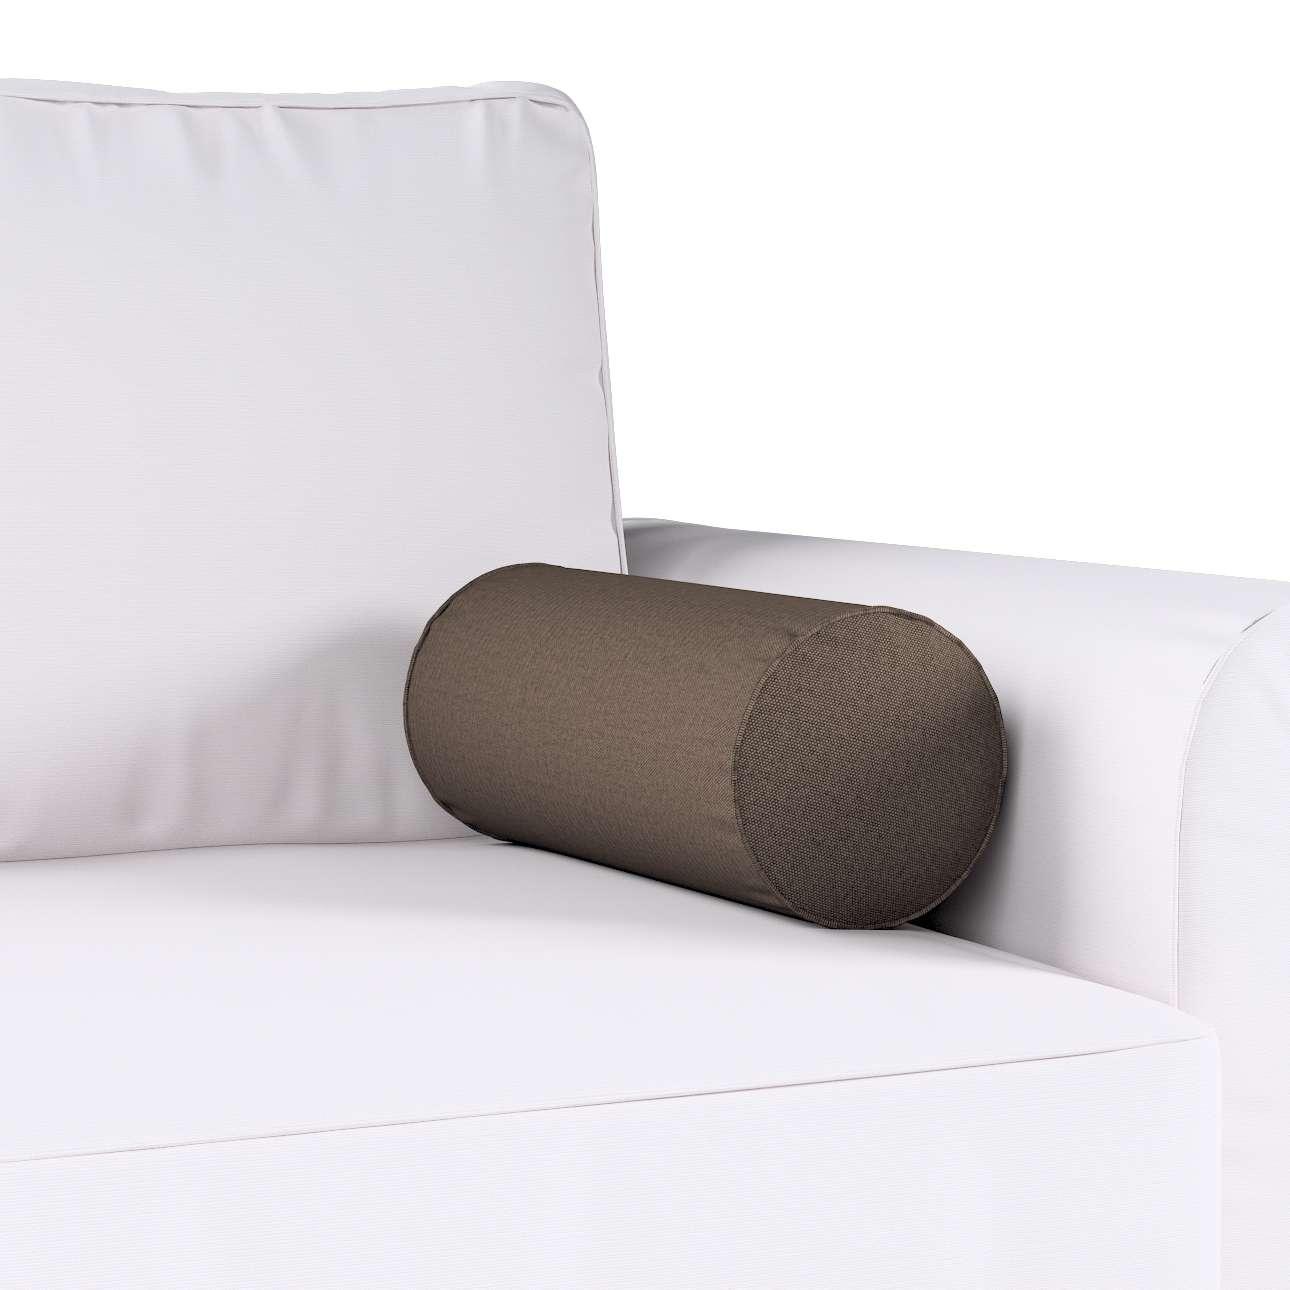 Poduszka wałek prosty w kolekcji Etna, tkanina: 705-08